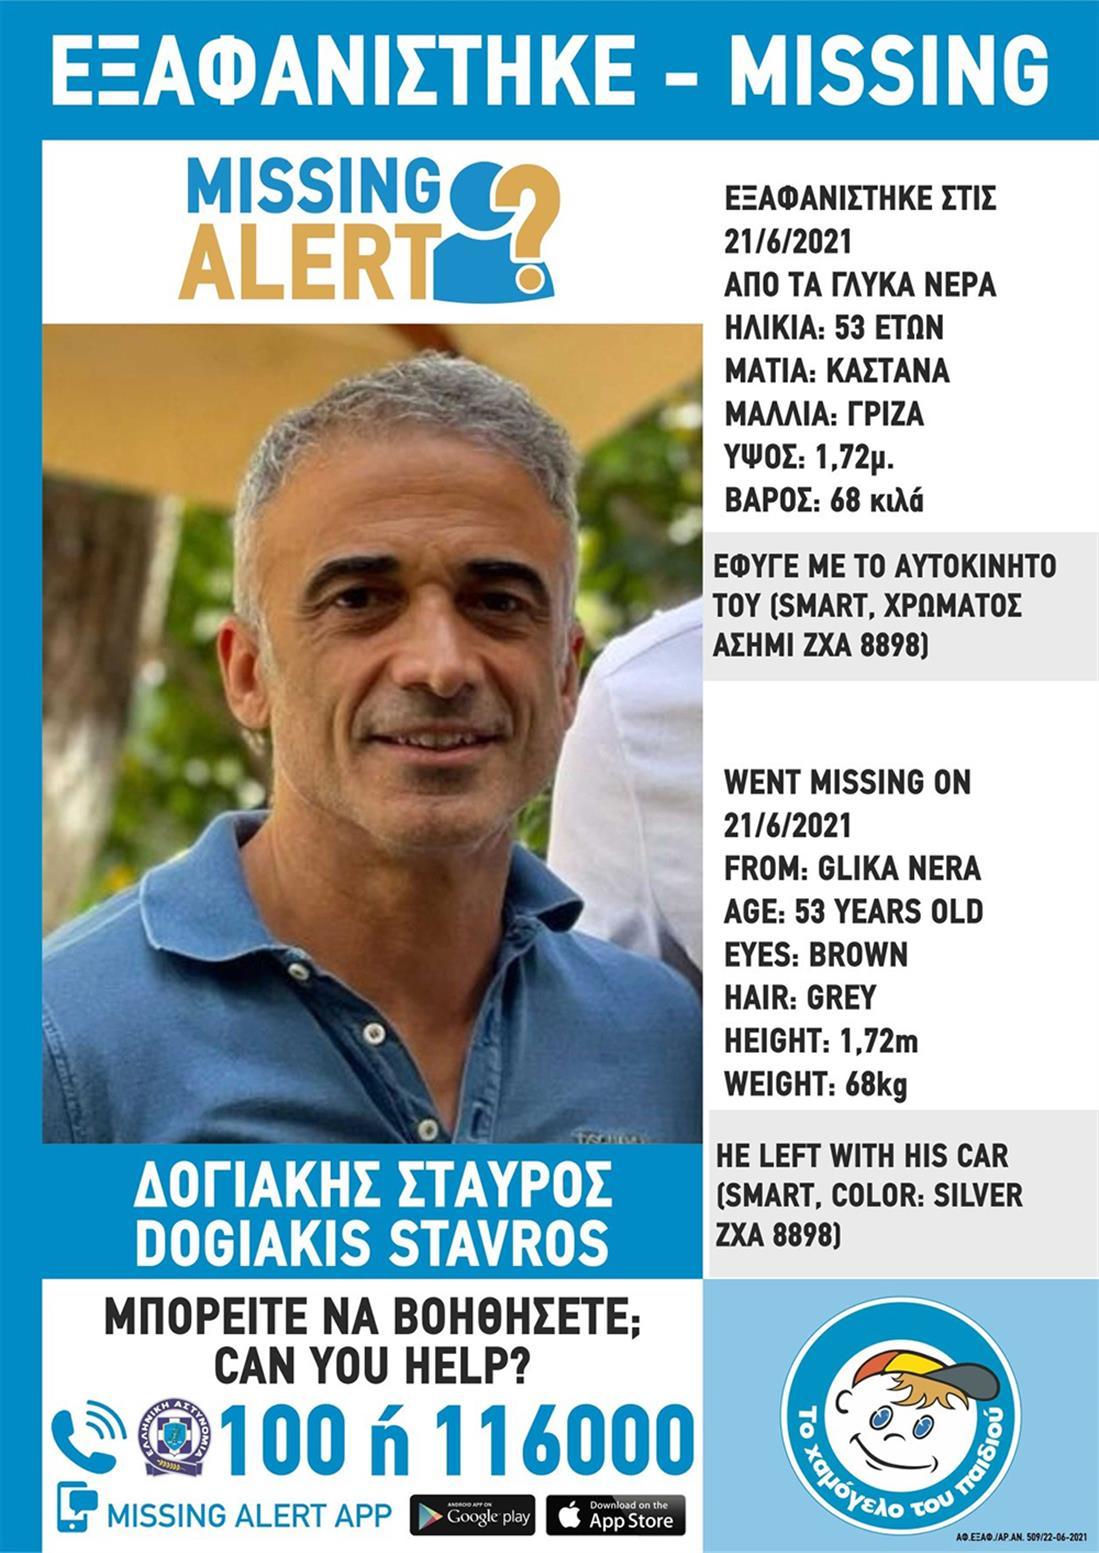 ΕΞΑΦΑΝΙΣΗ - ΔΟΓΙΑΚΗΣ ΣΤΑΥΡΟΣ - 53 ΕΤΩΝ